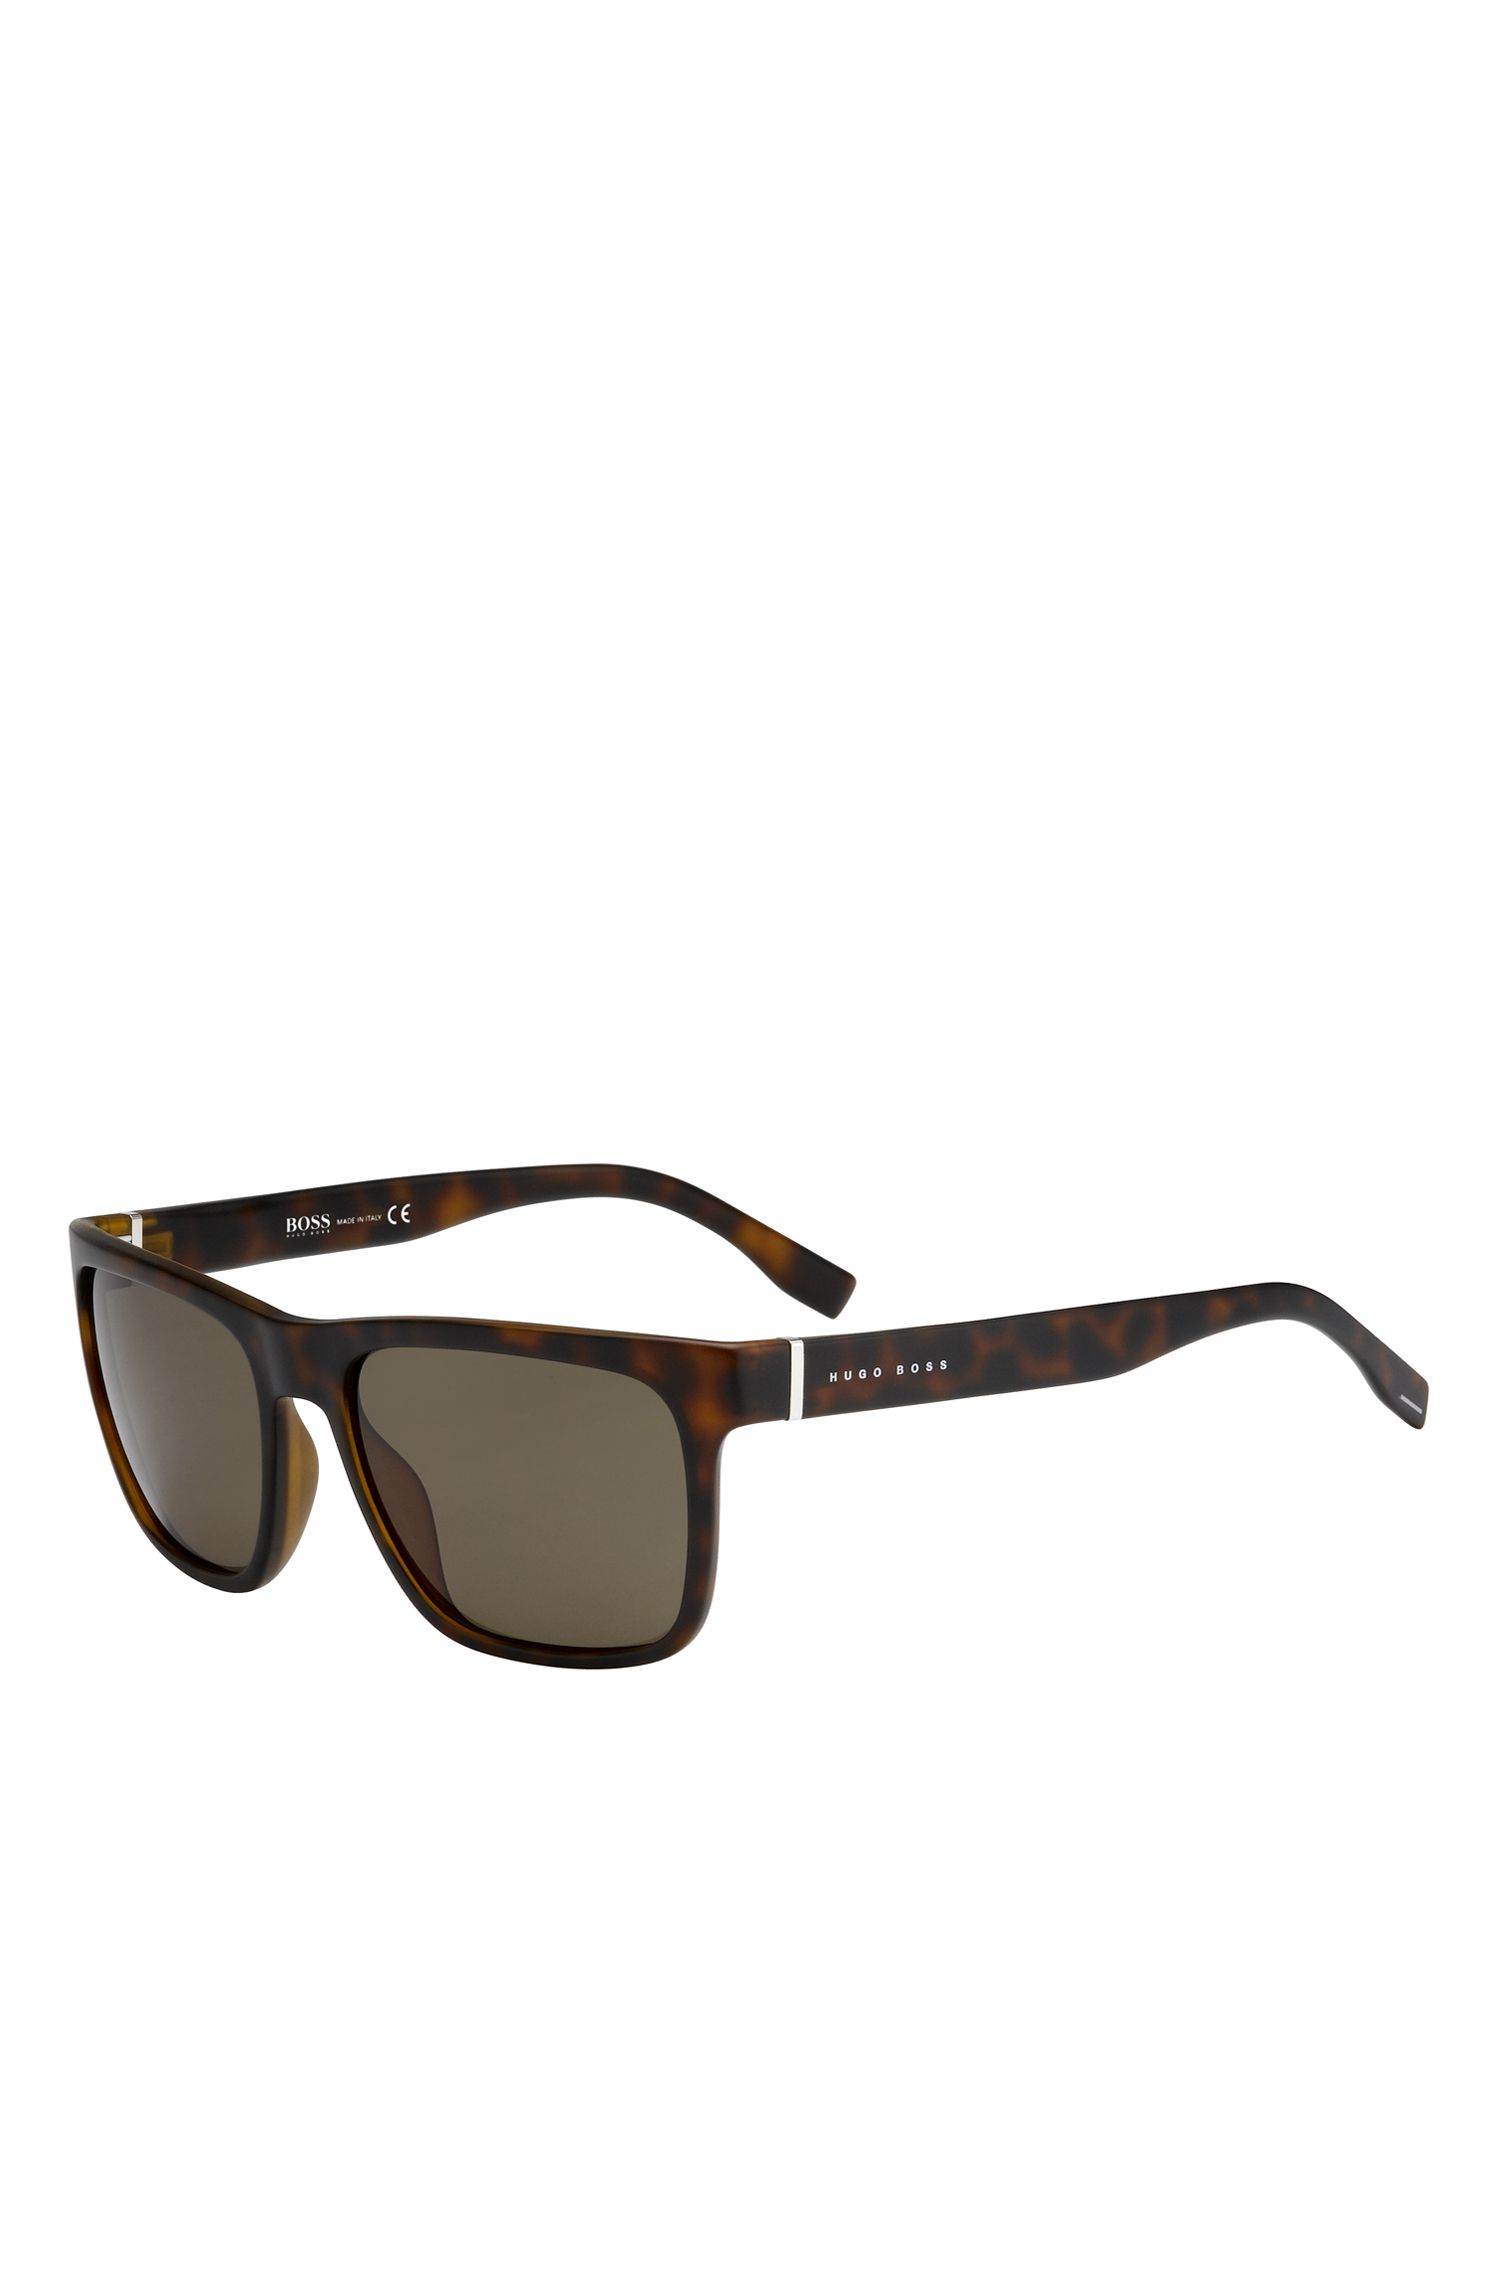 'BOSS 0727S' | Brown Lens Regtangular Optyl Sunglasses